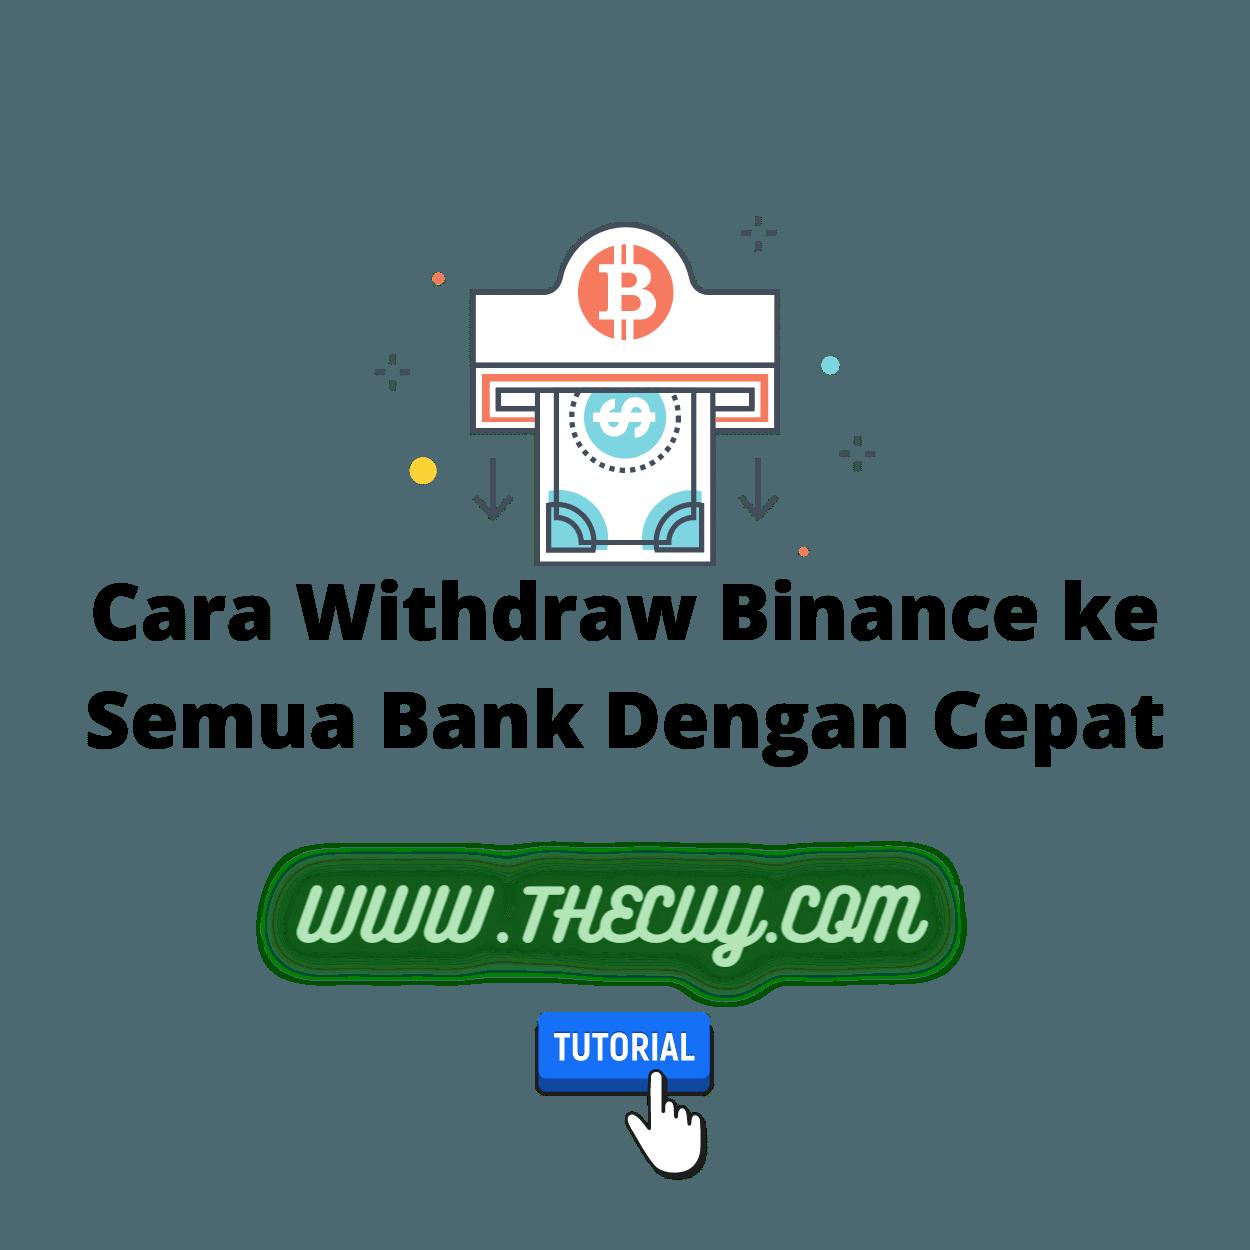 Cara Withdraw Binance ke Semua Bank Dengan Cepat